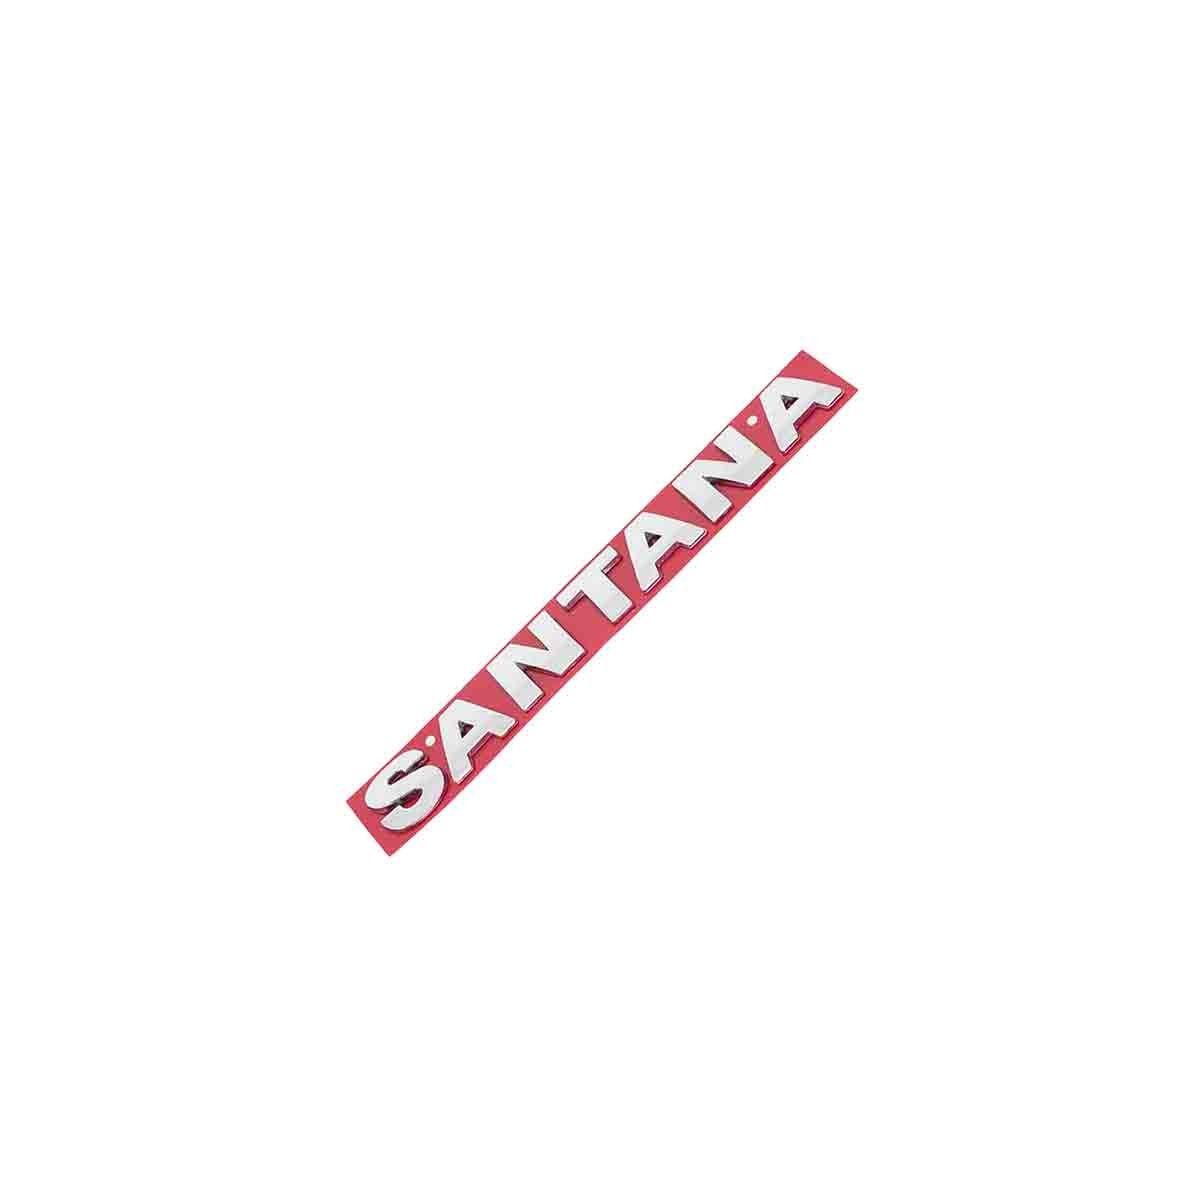 Emblema Santana G3 00/ Cromado